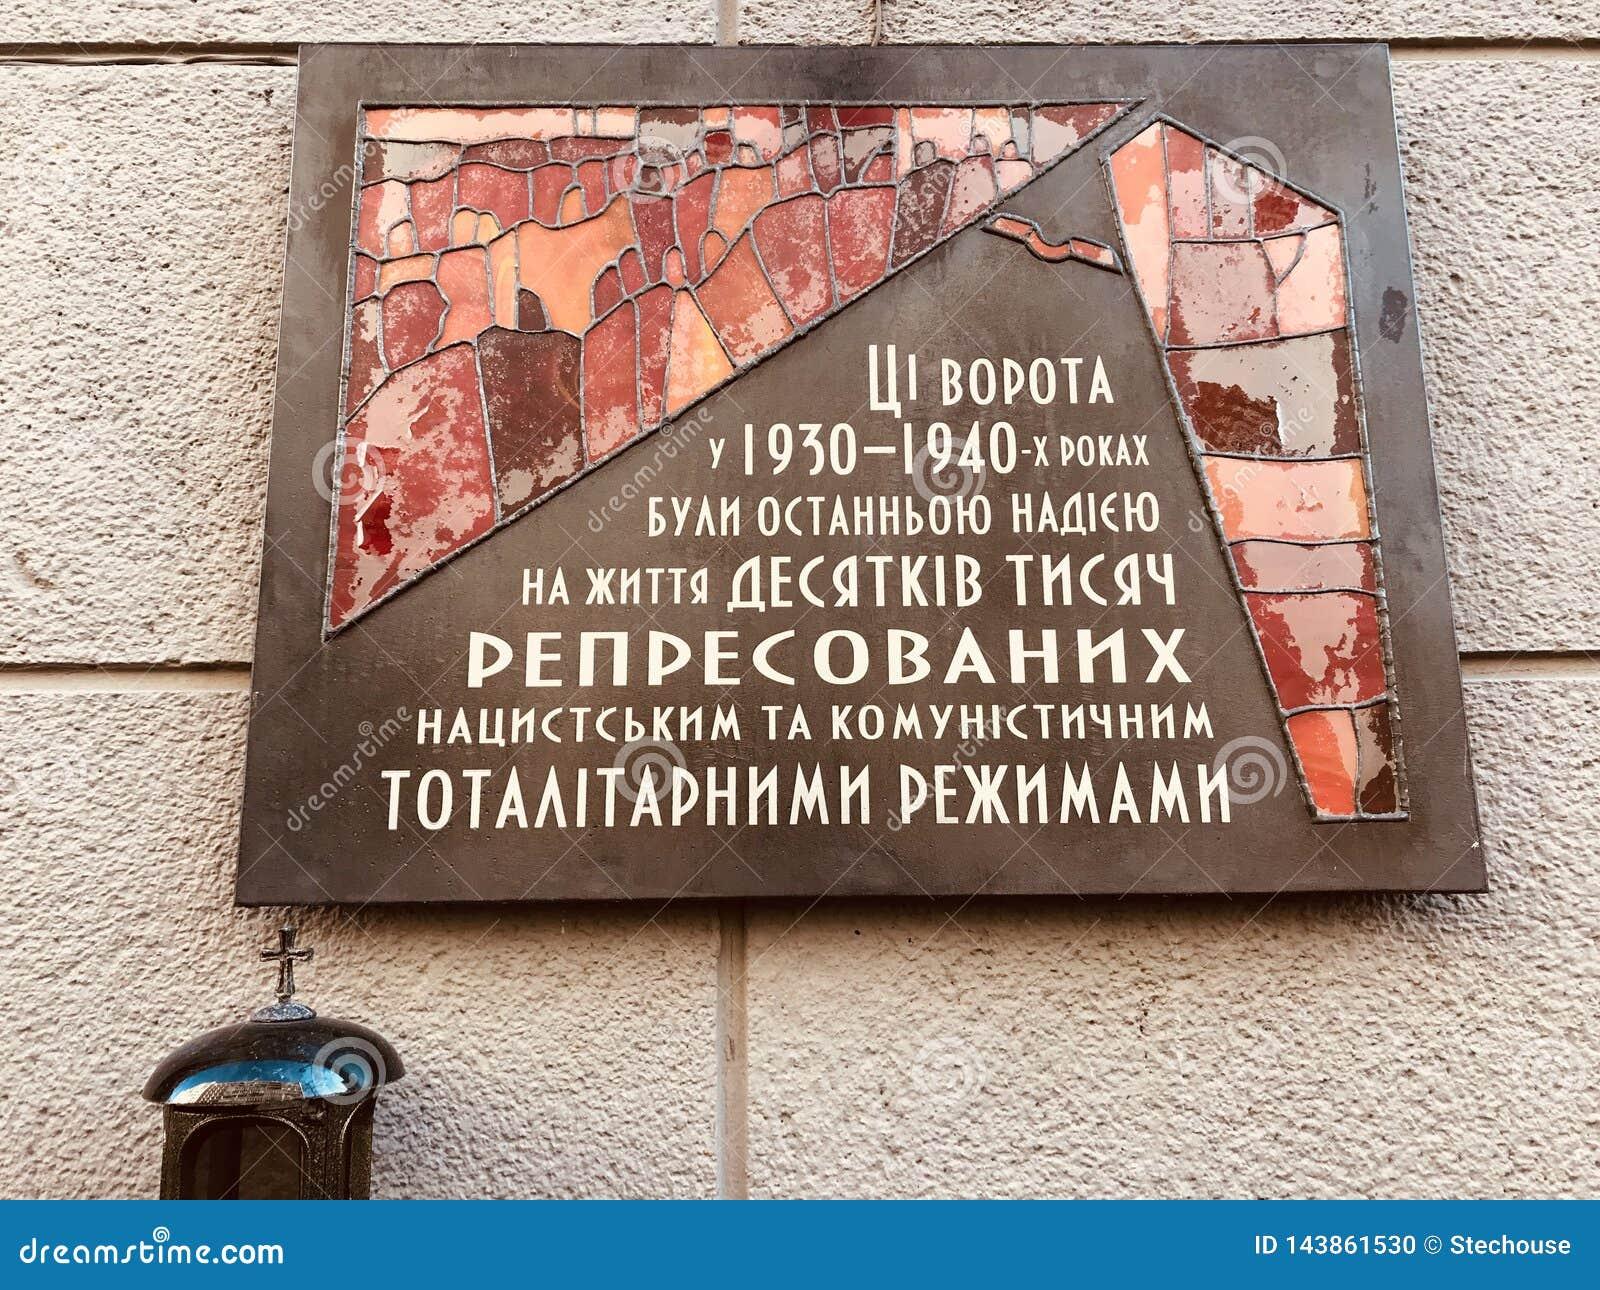 Um monumento às vítimas de regimes totalitários em Ucrânia - em KYIV ou em KIEV